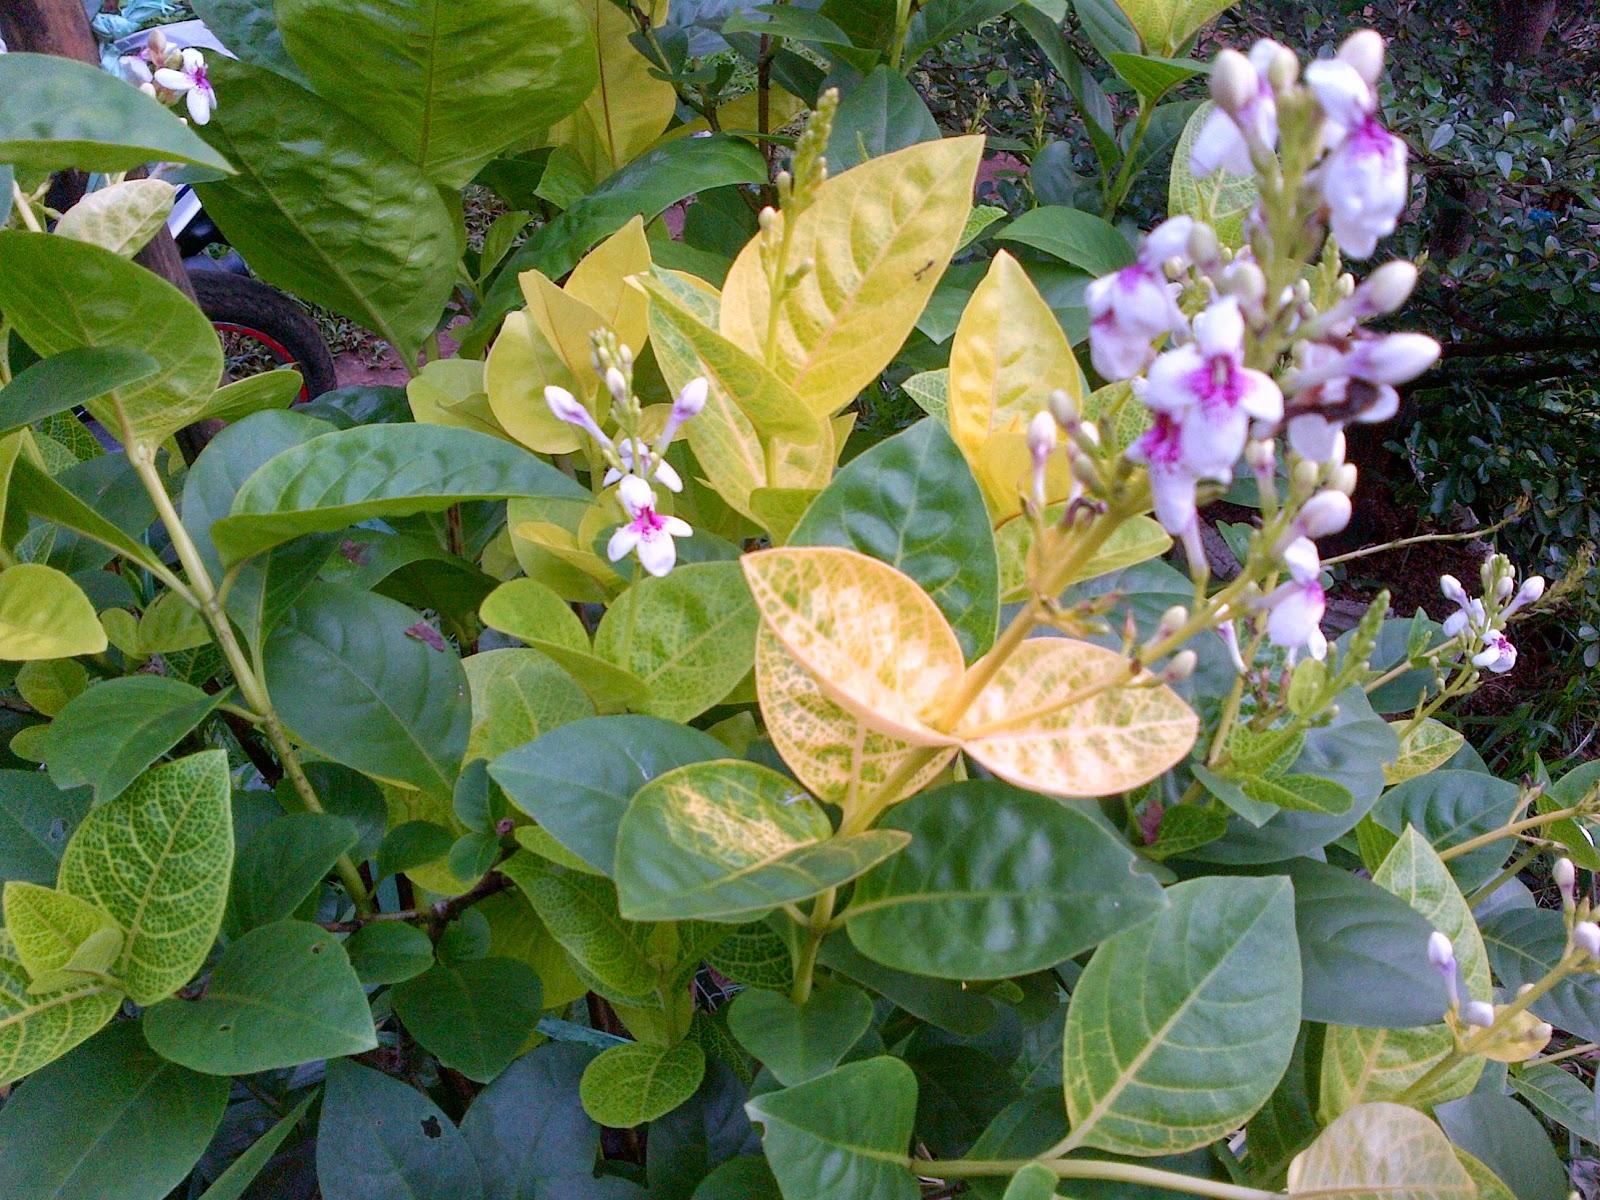 Jual aneka tanaman hias | tanaman perdu, pelindung, penutup tanah, pagar | supllier tanaman hias dan rumput taman